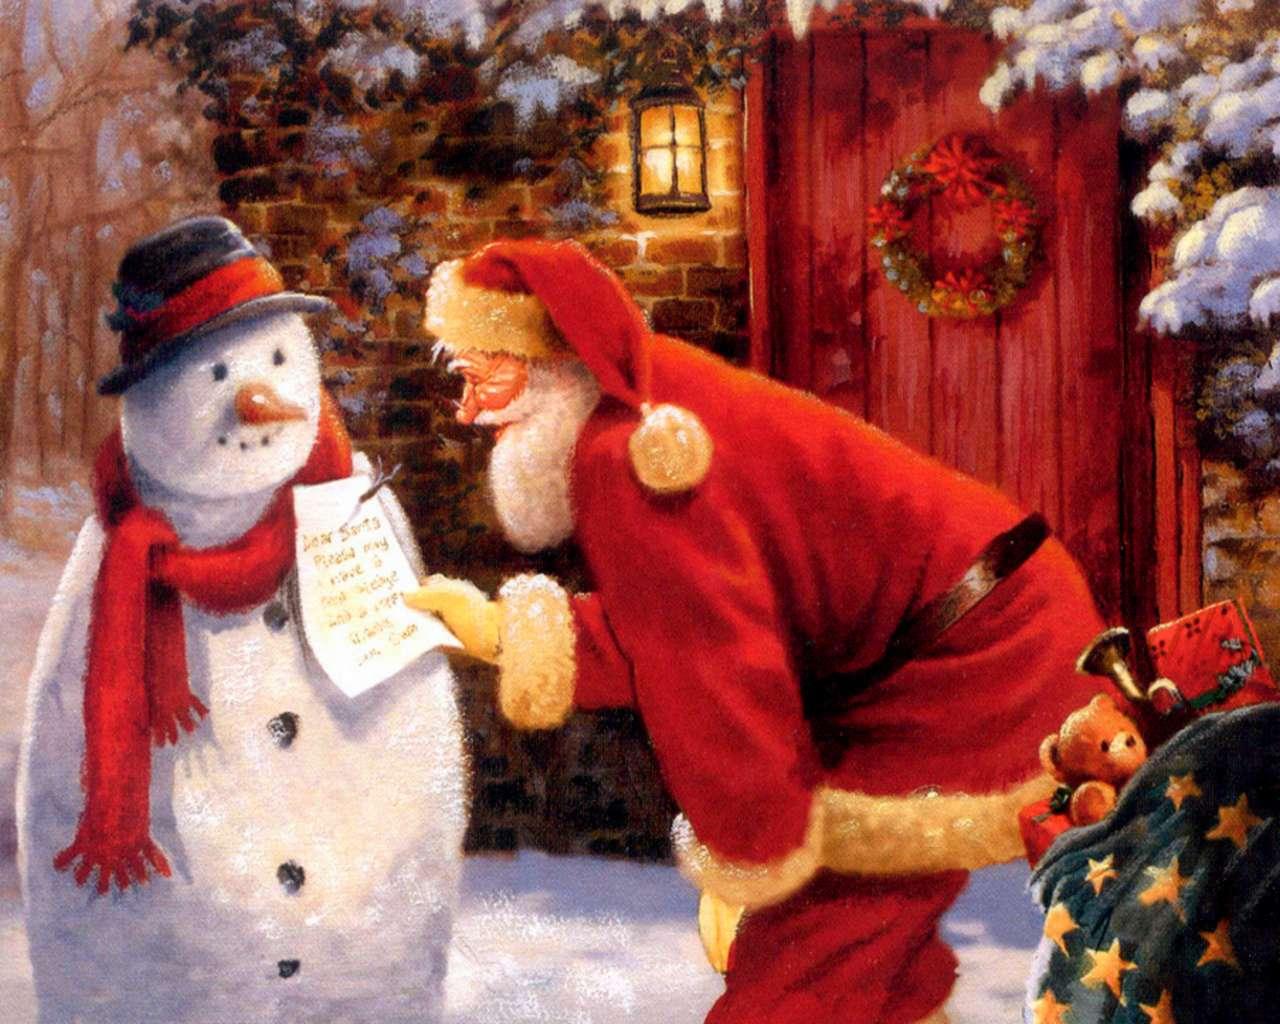 Posizione Babbo Natale.Caro Babbo Natale Potresti Intercedere Per Un Miracolo A Zagarolo